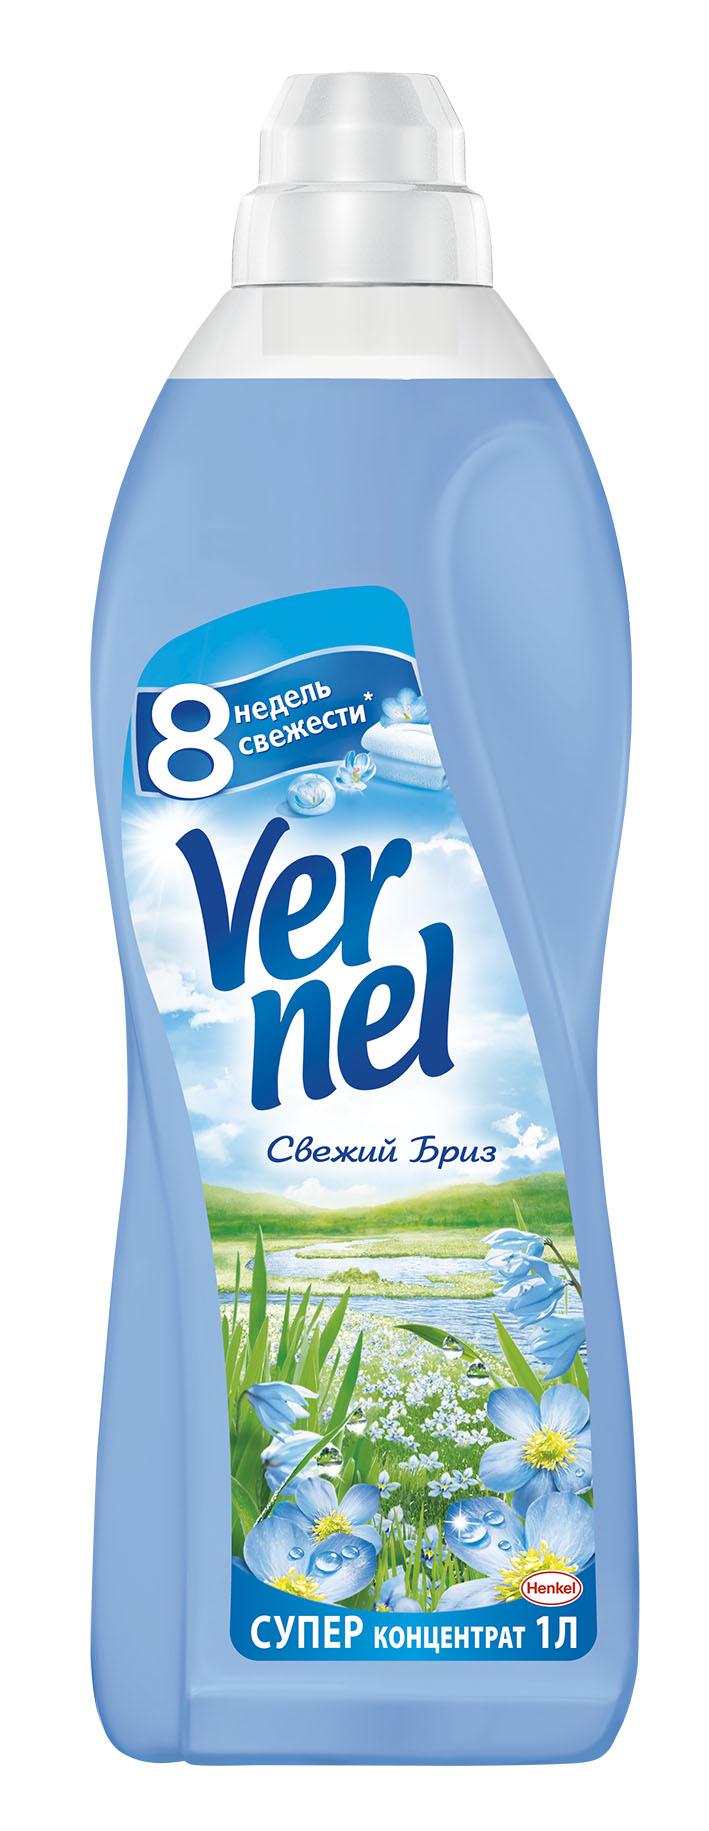 Кондиционер для белья Vernel Свежий Бриз 1лBN-183-1С новой Классической линейкой Vernel свежесть белья длится до 8 недель. Новая формула Vernel обогащена аромакапсулами, которые обеспечивают длительную свежесть. Более того, кондиционеры для белья Vernel придают белью невероятную мягкость, такую же приятную, как и ее запах.Свойства кондиционера для белья Vernel:1. Придает мягкость2. Придает приятный аромат3. Обладает антистатическим эффектом4. Облегчает глажениеДо 8 недель свежести при условии хранения белья без использования благодаря аромакапсуламСостав: Состав: 5-15% катионные ПАВ; Товар сертифицирован.